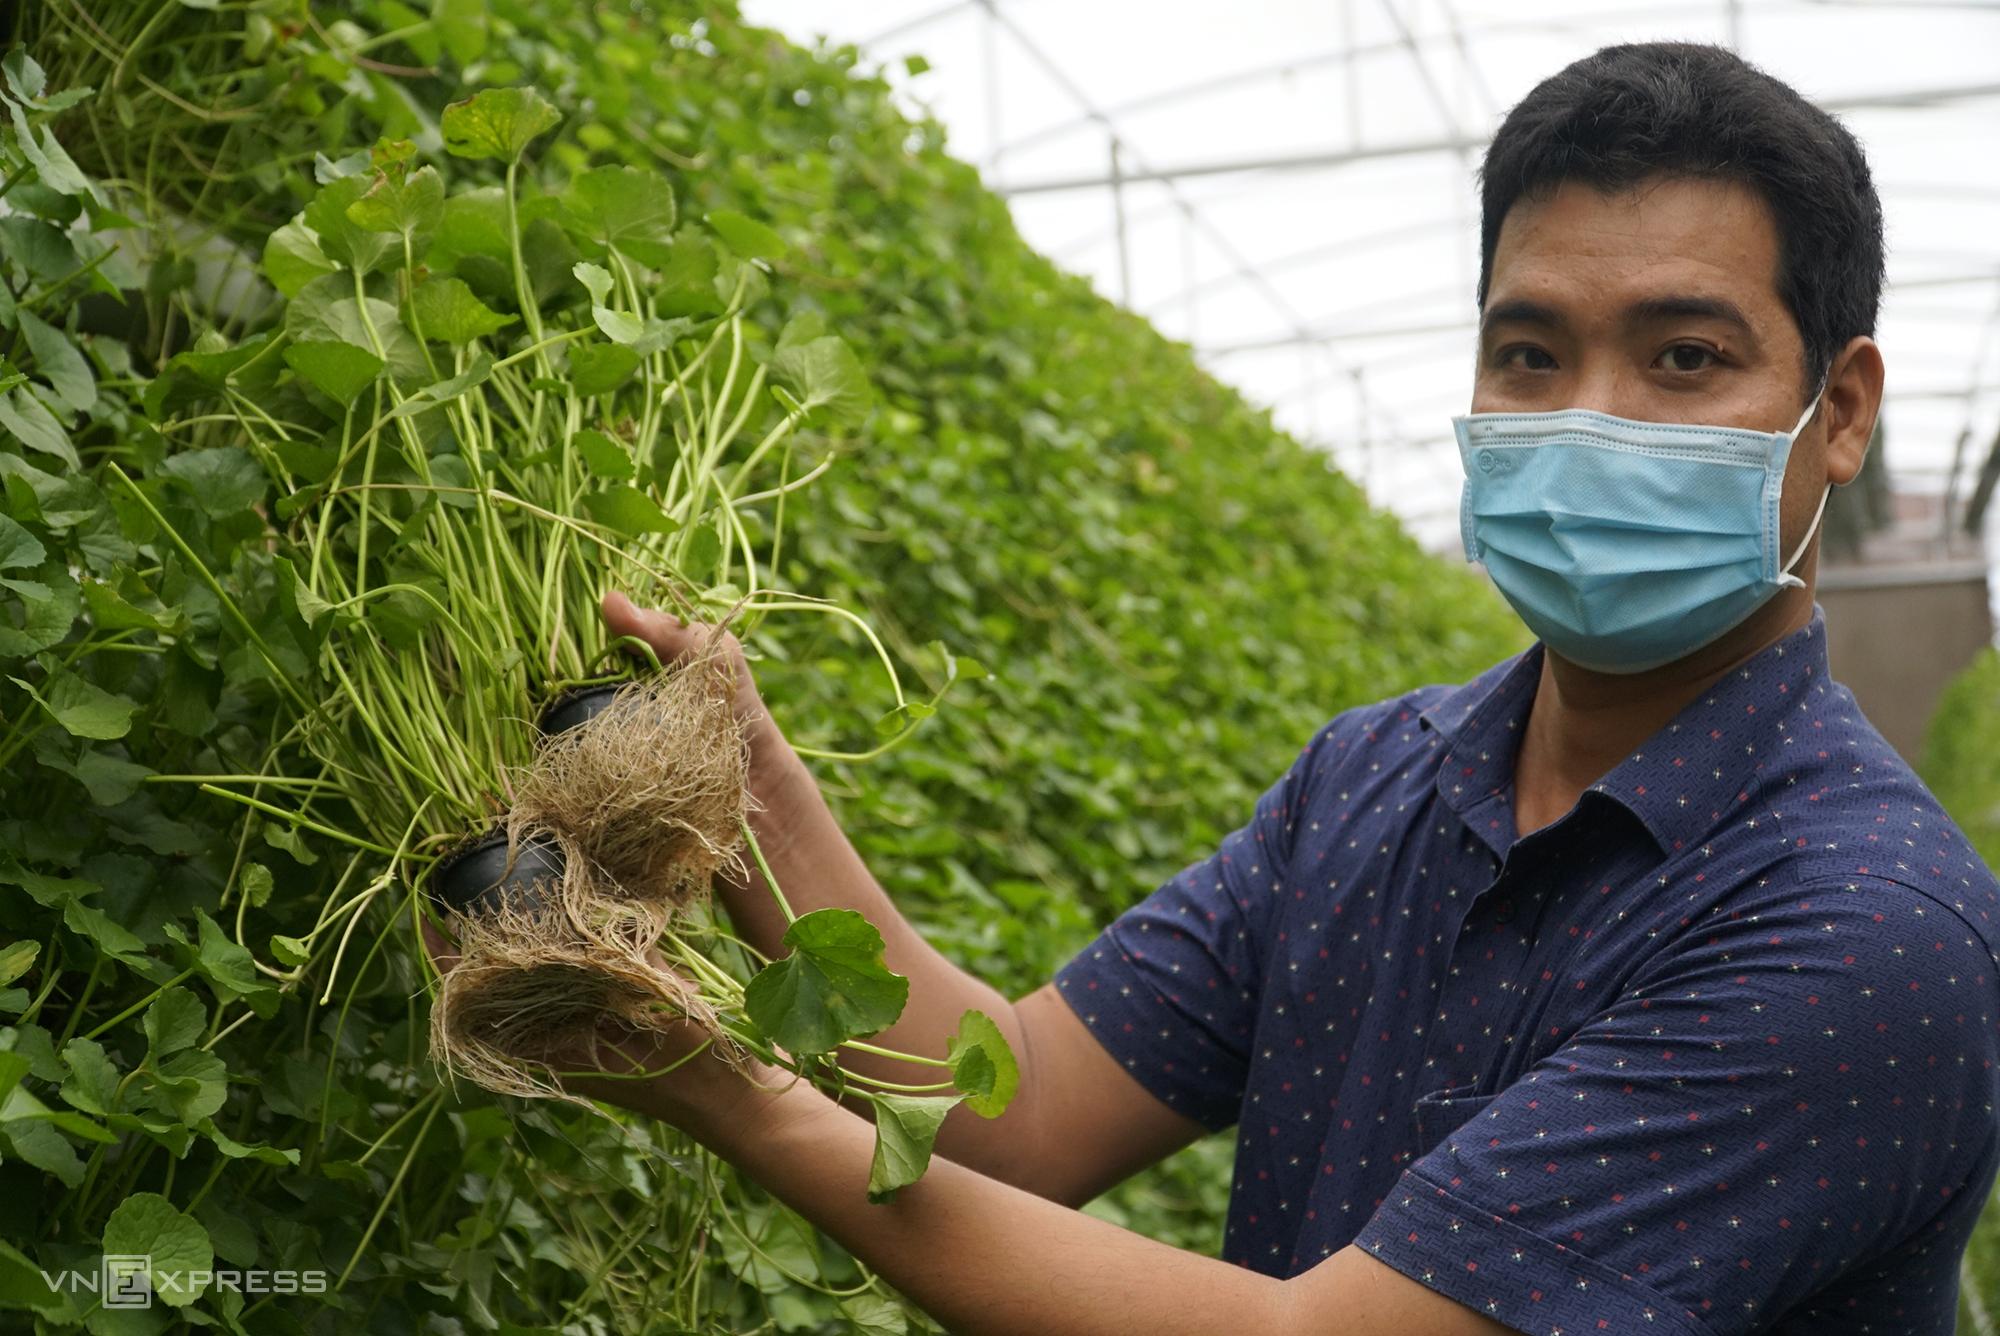 Trở về quê nhà khởi nghiệp với loại rau hoang dã rau má vườn đã được anh Beo ấp ủ từ nhiều năm trước. Ảnh: Ngọc Tài